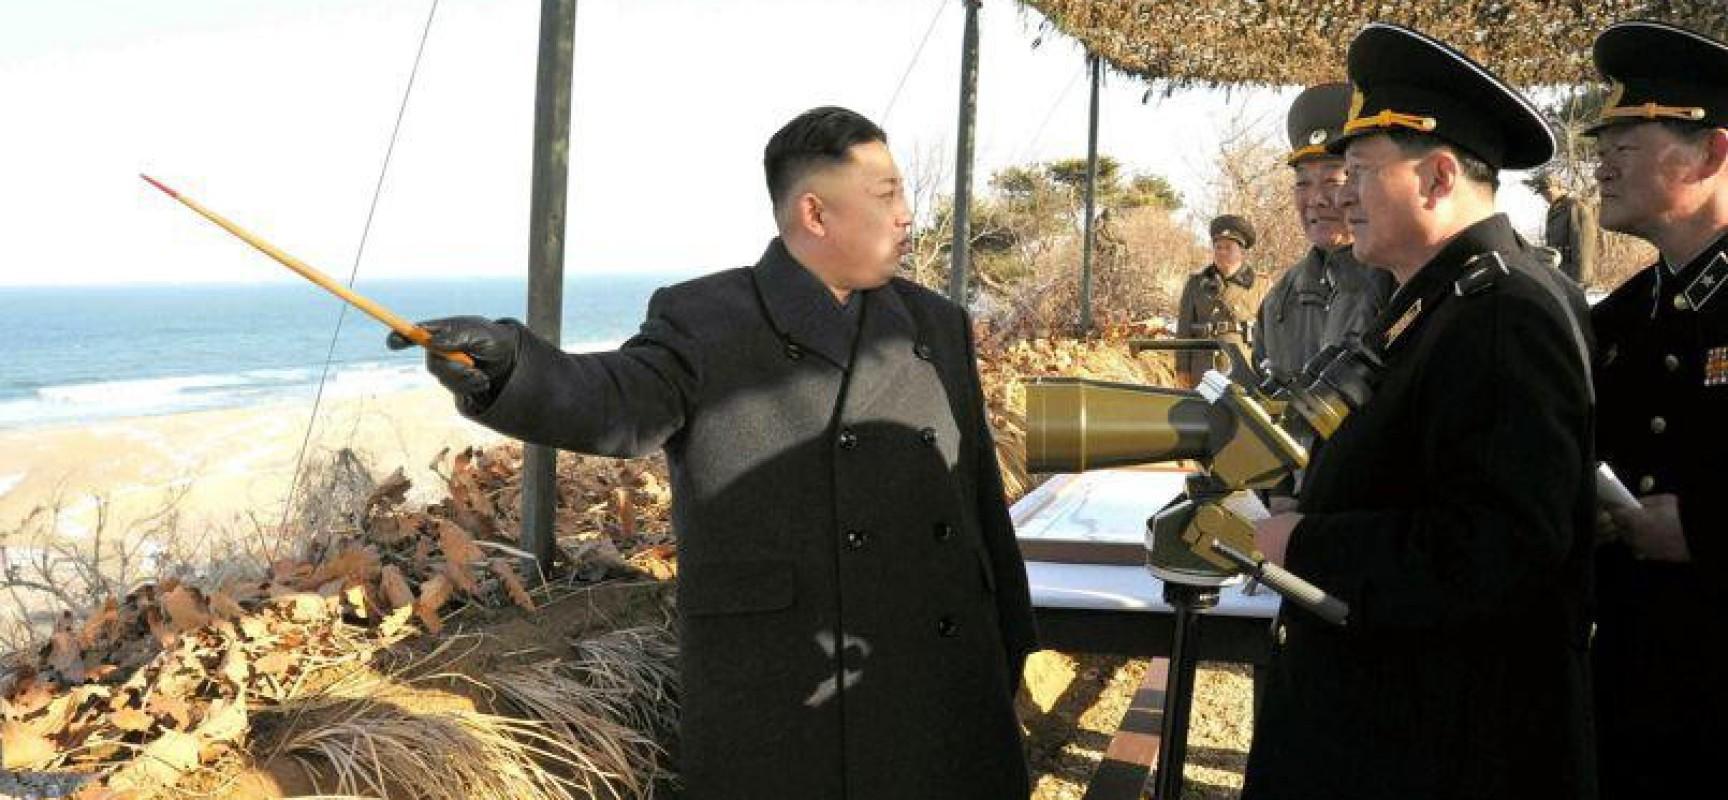 La Corée du Nord se prépare à réagir aux provocations militaires U.S